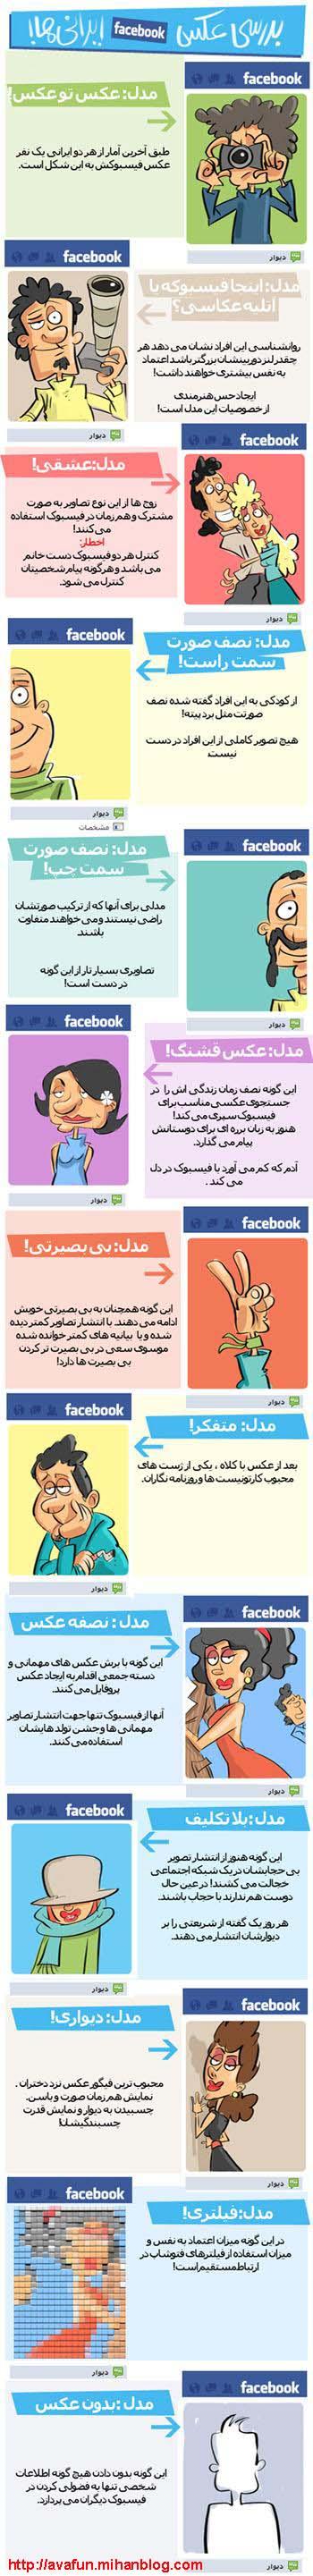 سرگرمی و طنز فیس بوک